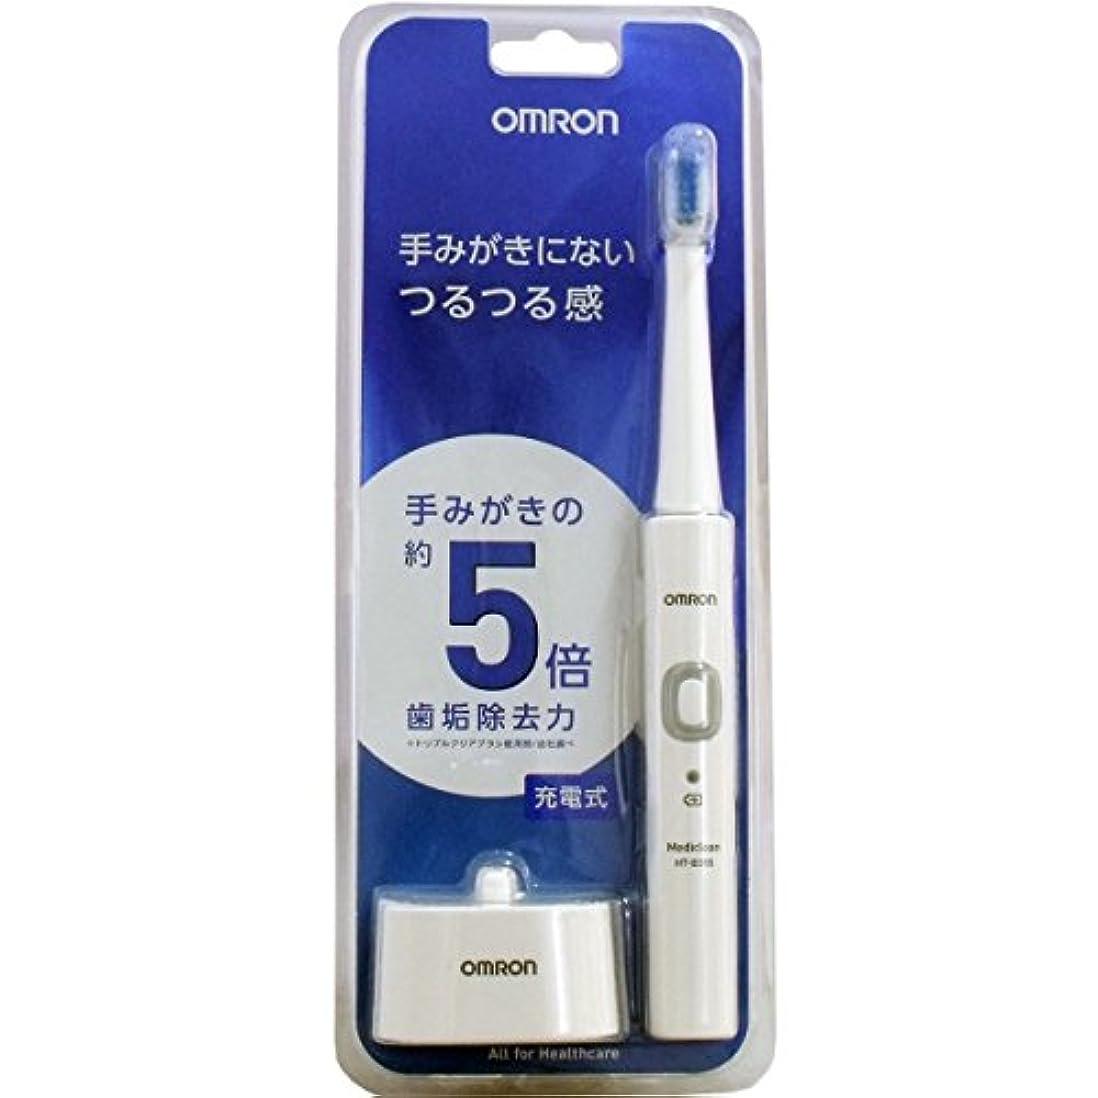 オムロン電動歯ブラシHT-B305-W